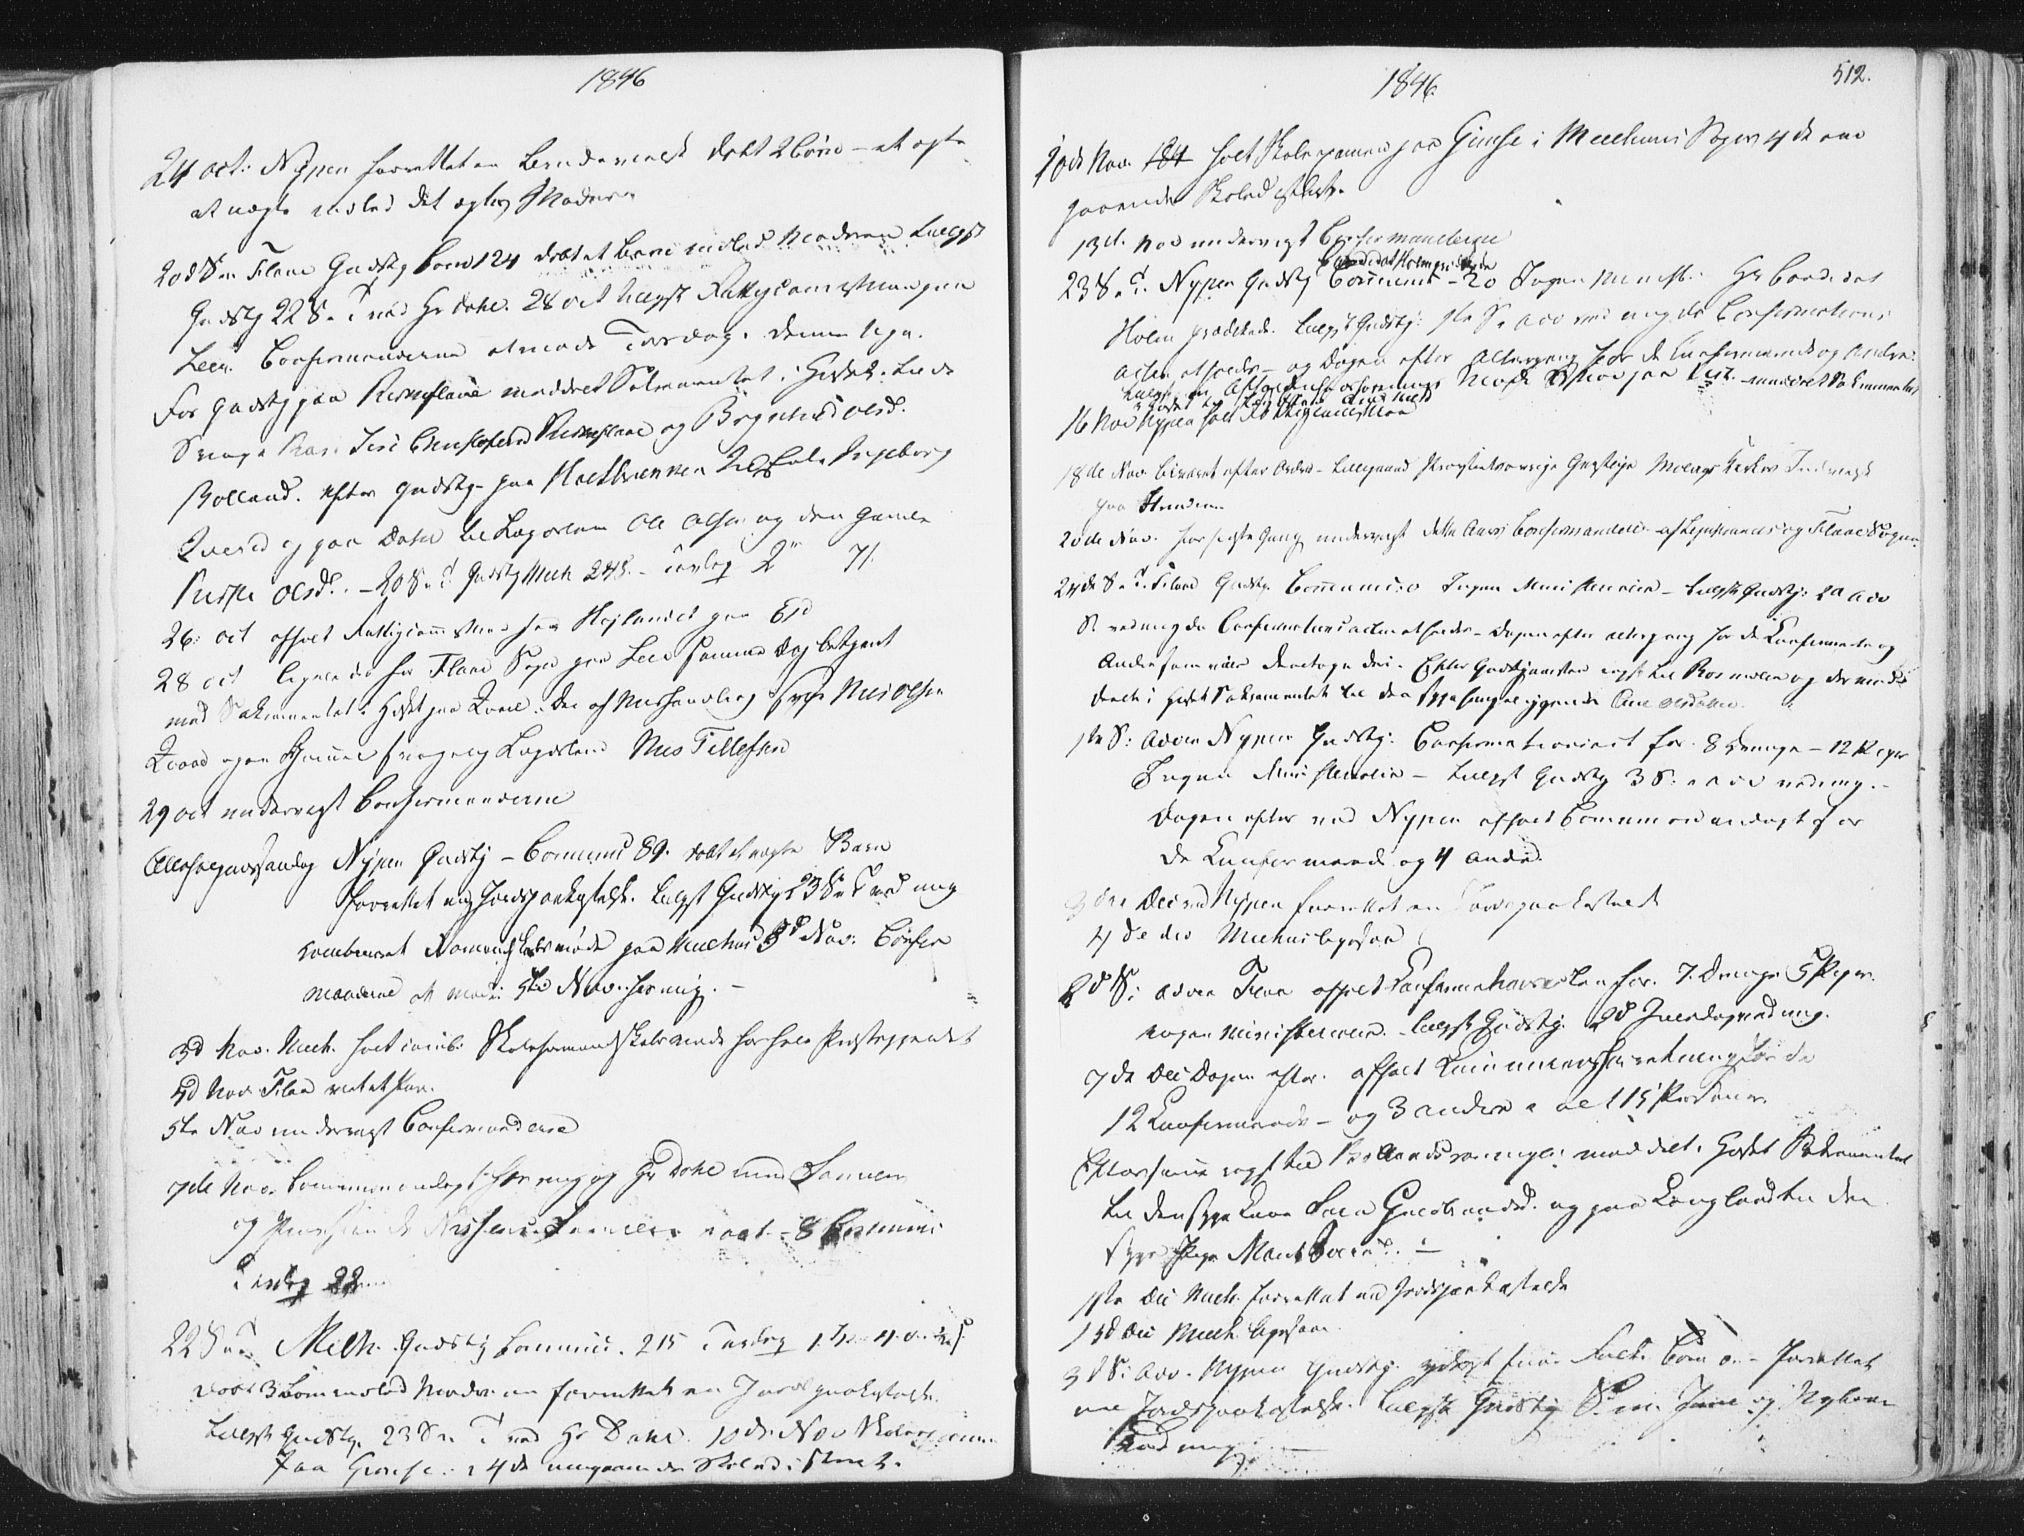 SAT, Ministerialprotokoller, klokkerbøker og fødselsregistre - Sør-Trøndelag, 691/L1074: Ministerialbok nr. 691A06, 1842-1852, s. 512